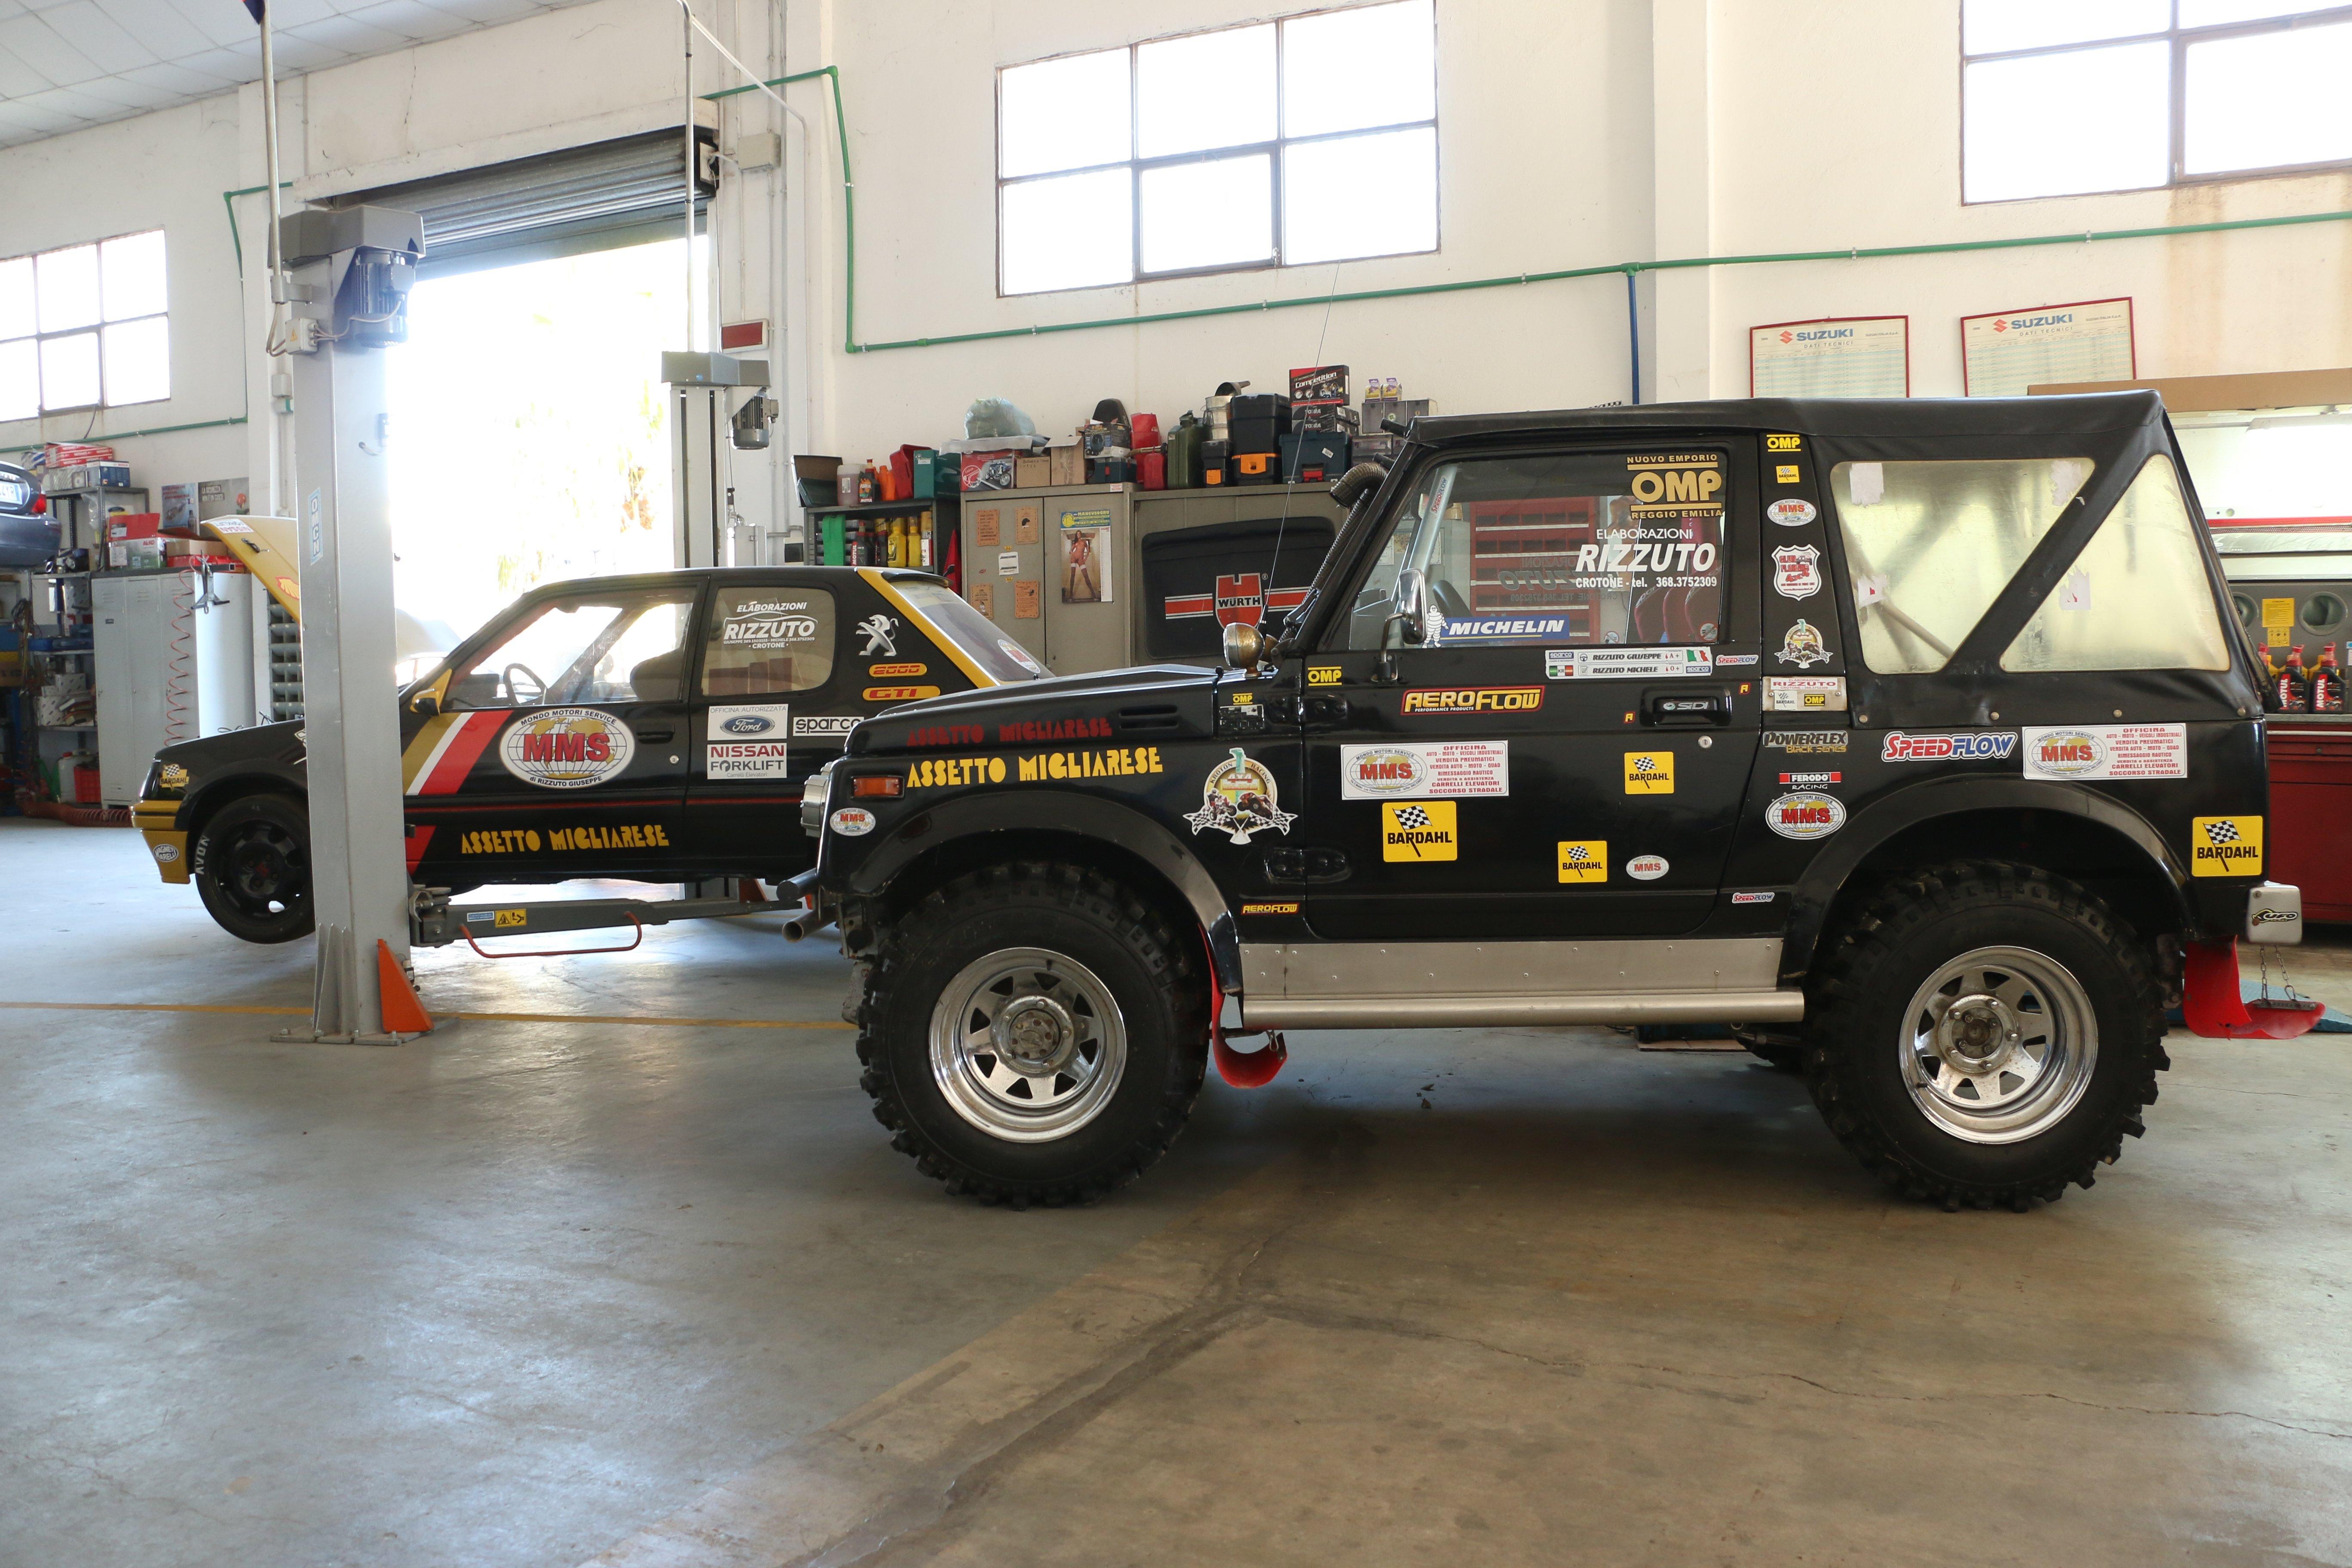 una Jeep presso Officina di Mondo Motori Service, Rizzuto Giuseppe, a Crotone